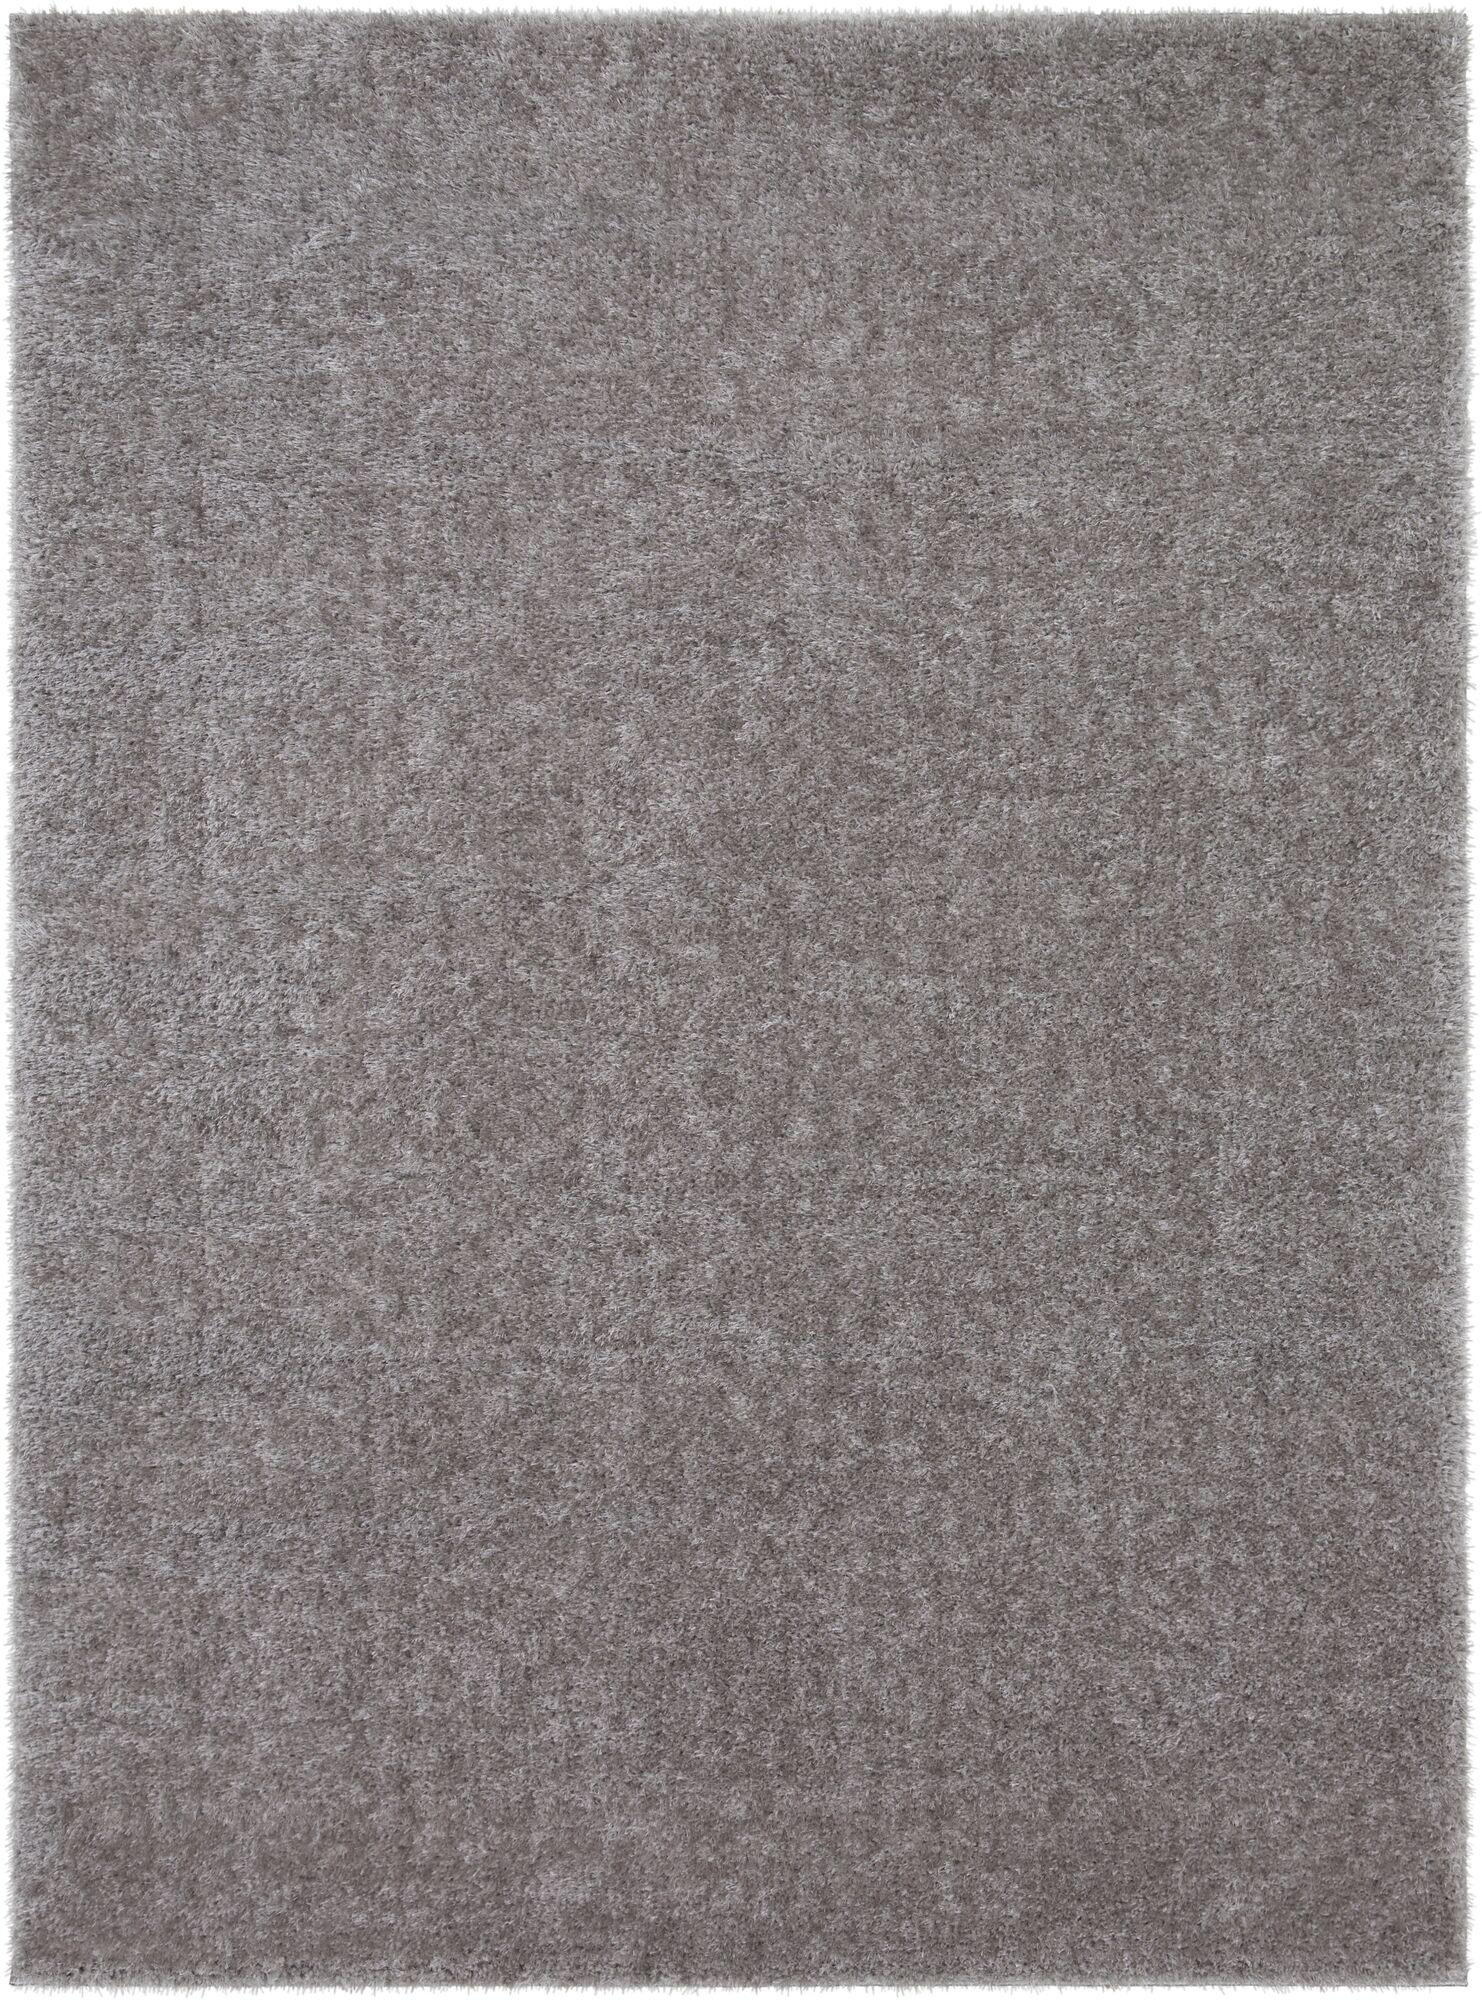 Carlos Shag Plush Taupe Area Rug Rug Size: Rectangle 2' x 3'